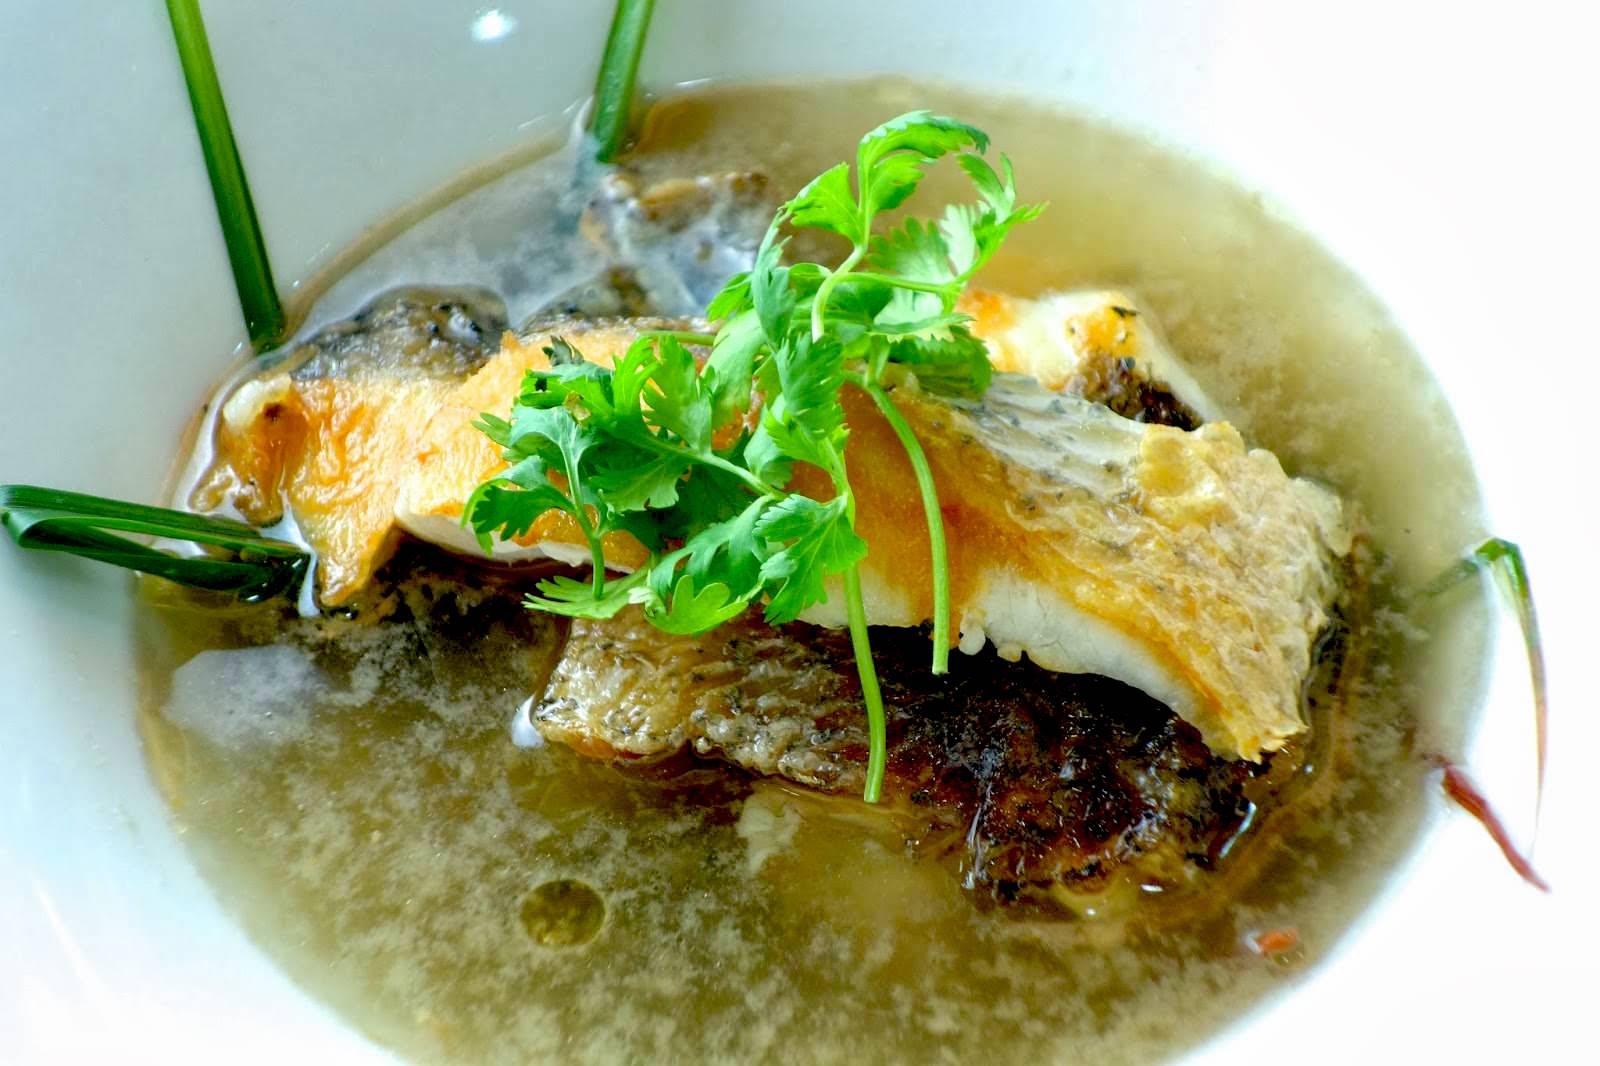 10分鐘就能上桌!「西式嫩煮鱸魚湯」只要多學這一招,魚肉會更營養香甜